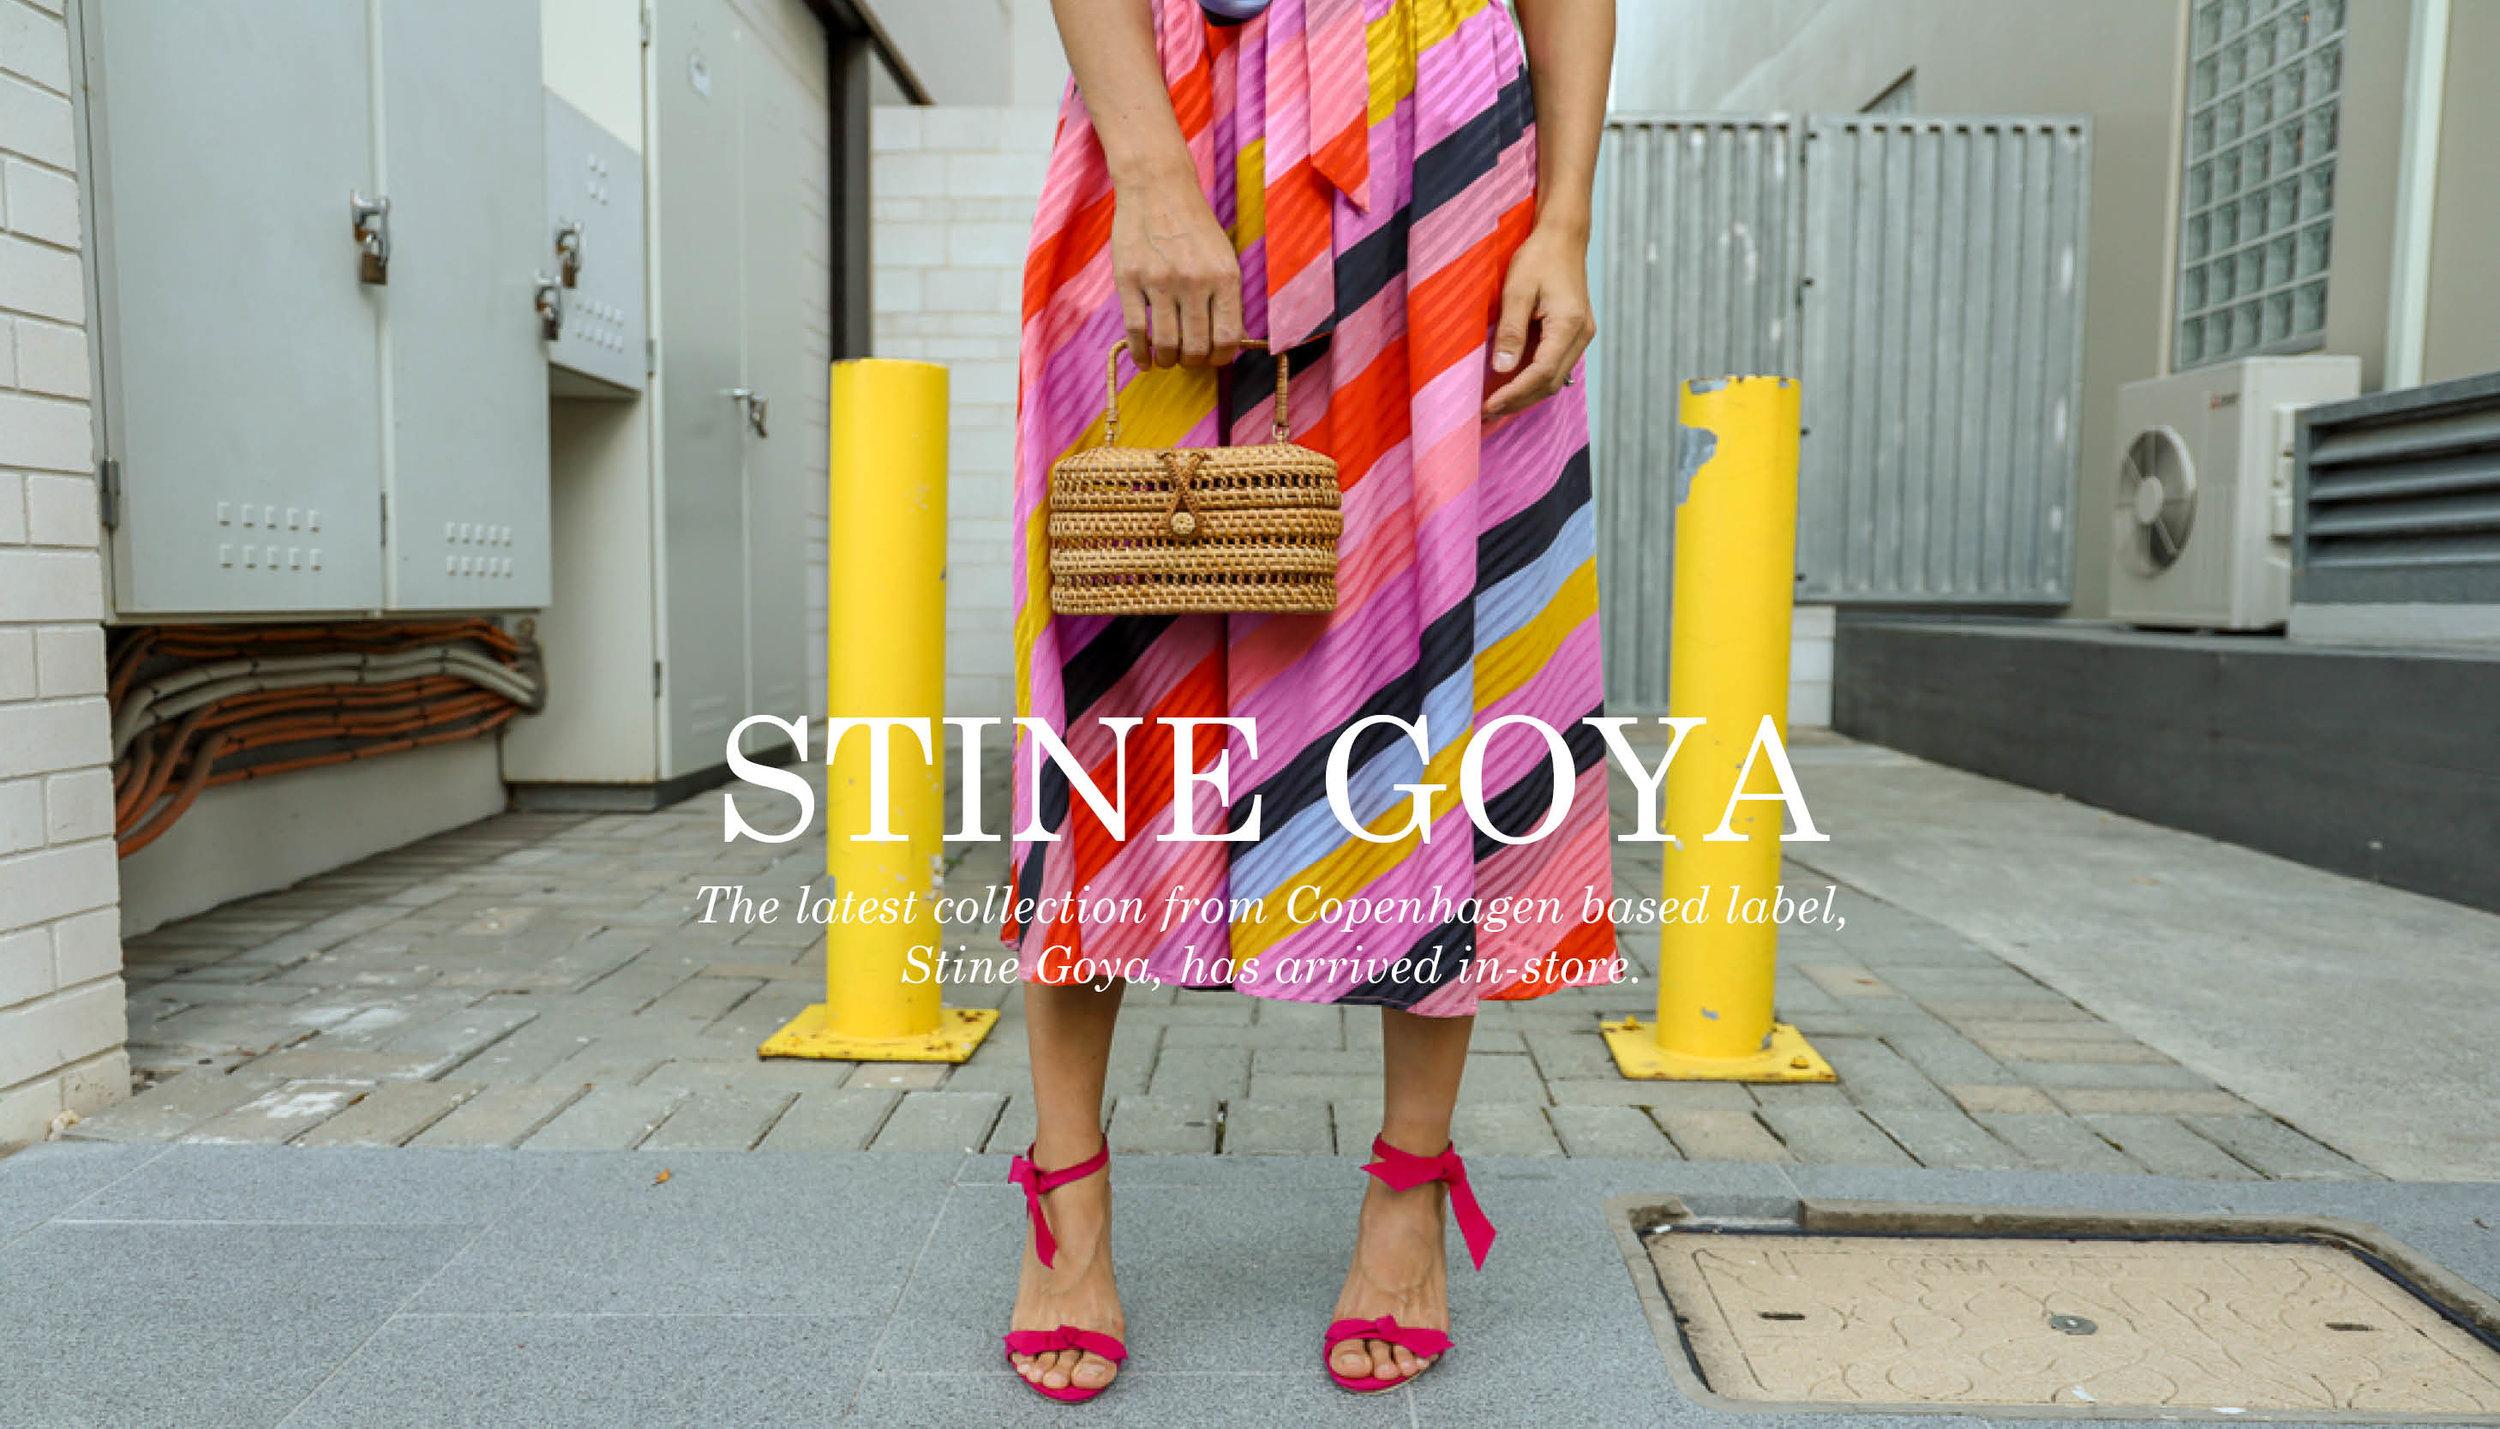 Stine Goya - Newsletter - June19 - Header -.jpg